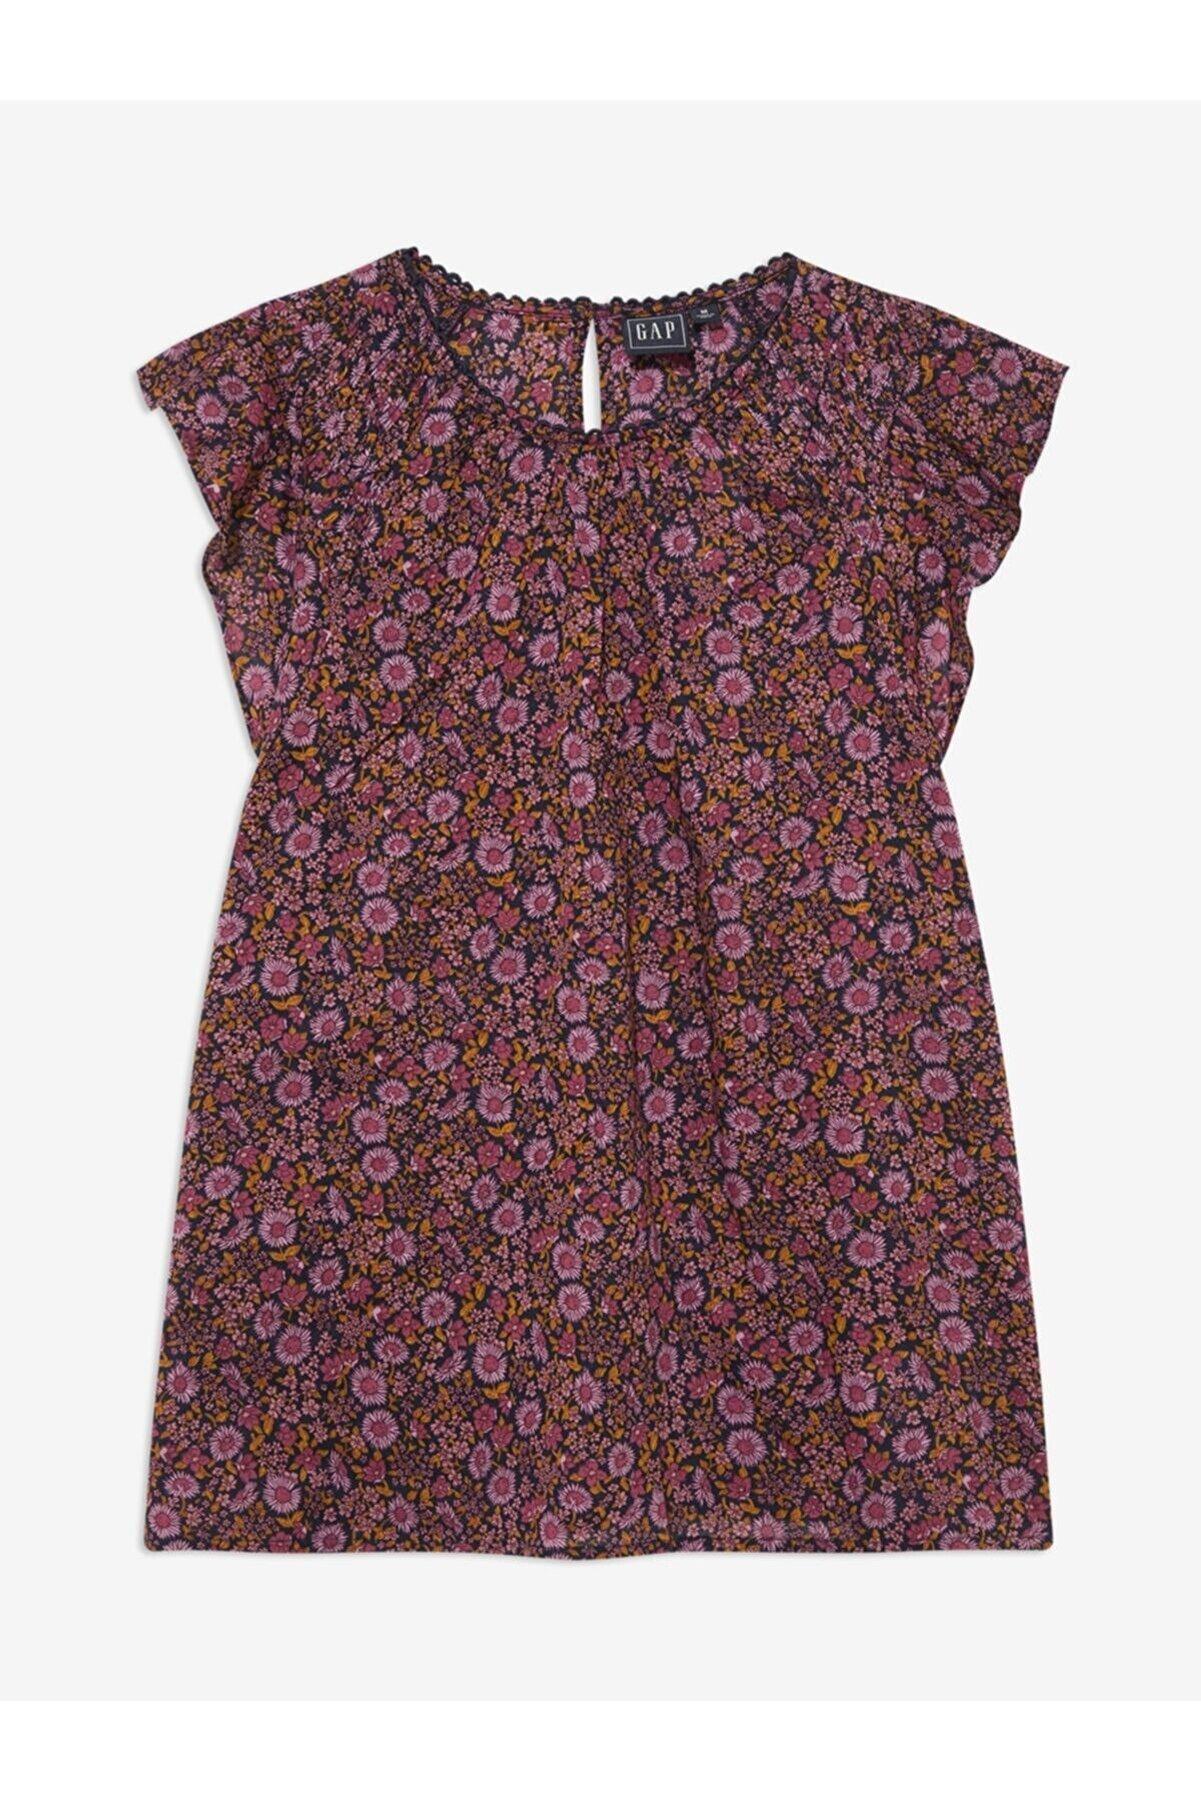 GAP Kadın Pembe Çiçek Desenli Bluz